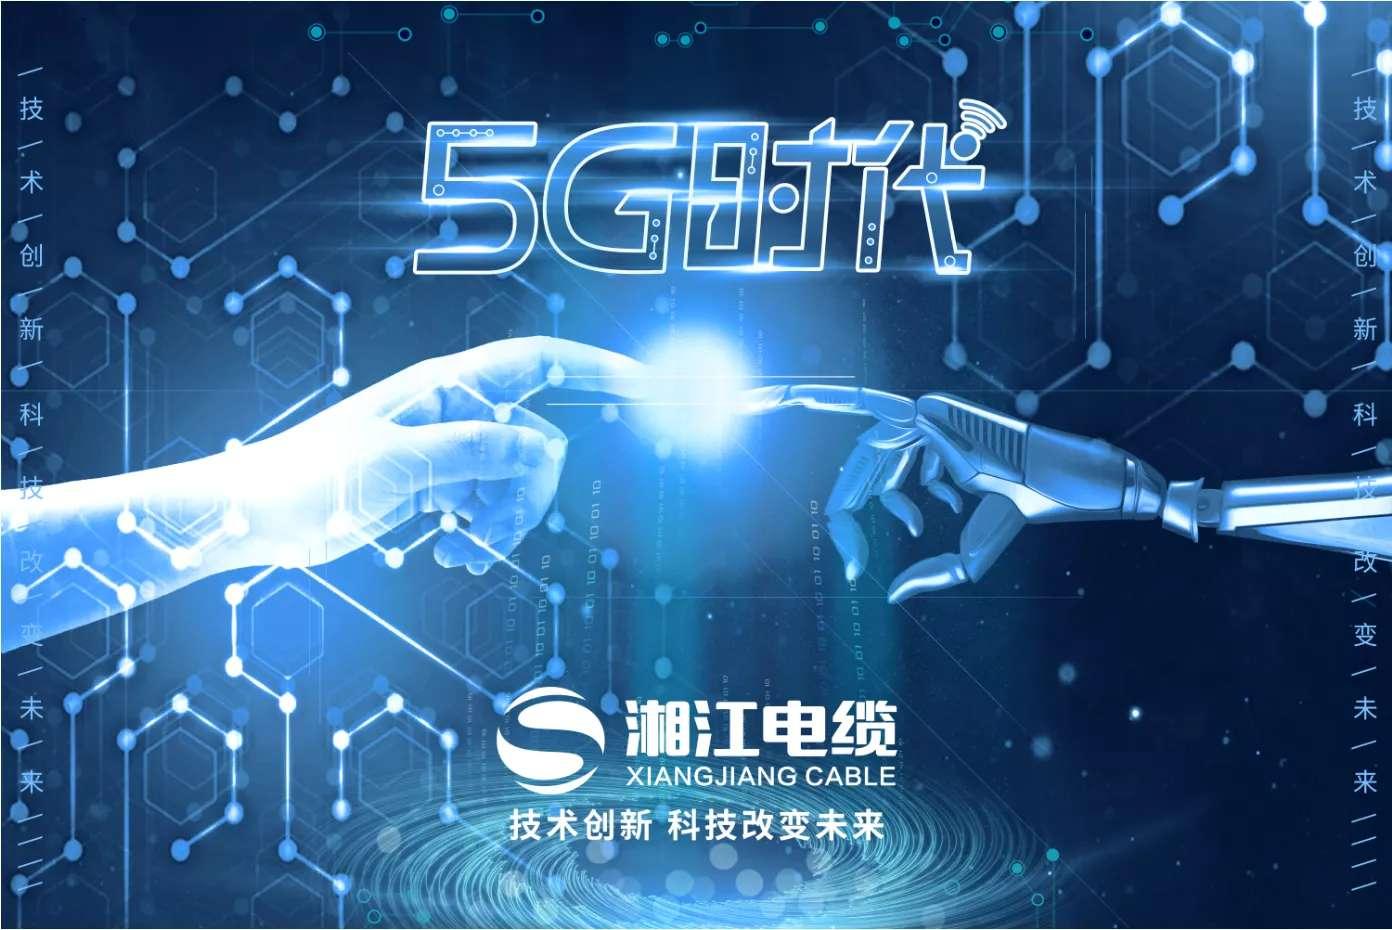 5G+工业互联网新赛道 湘江万博体育app手机登录加快数字化转型